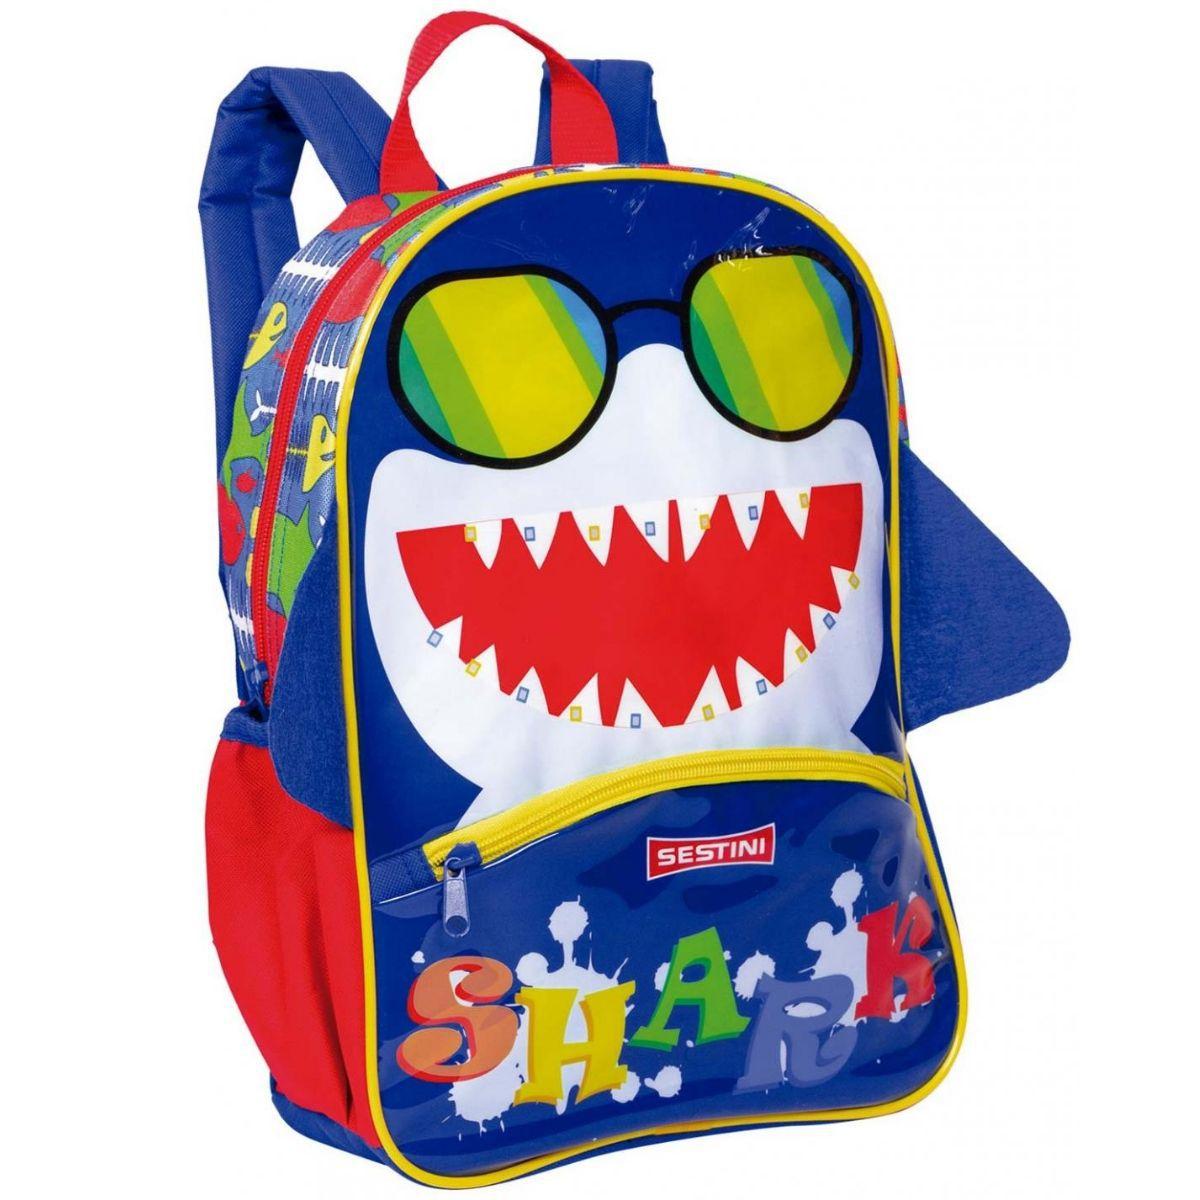 Mochila Média Basic Tubarão Infantil Escolar Sestini - 065607-00